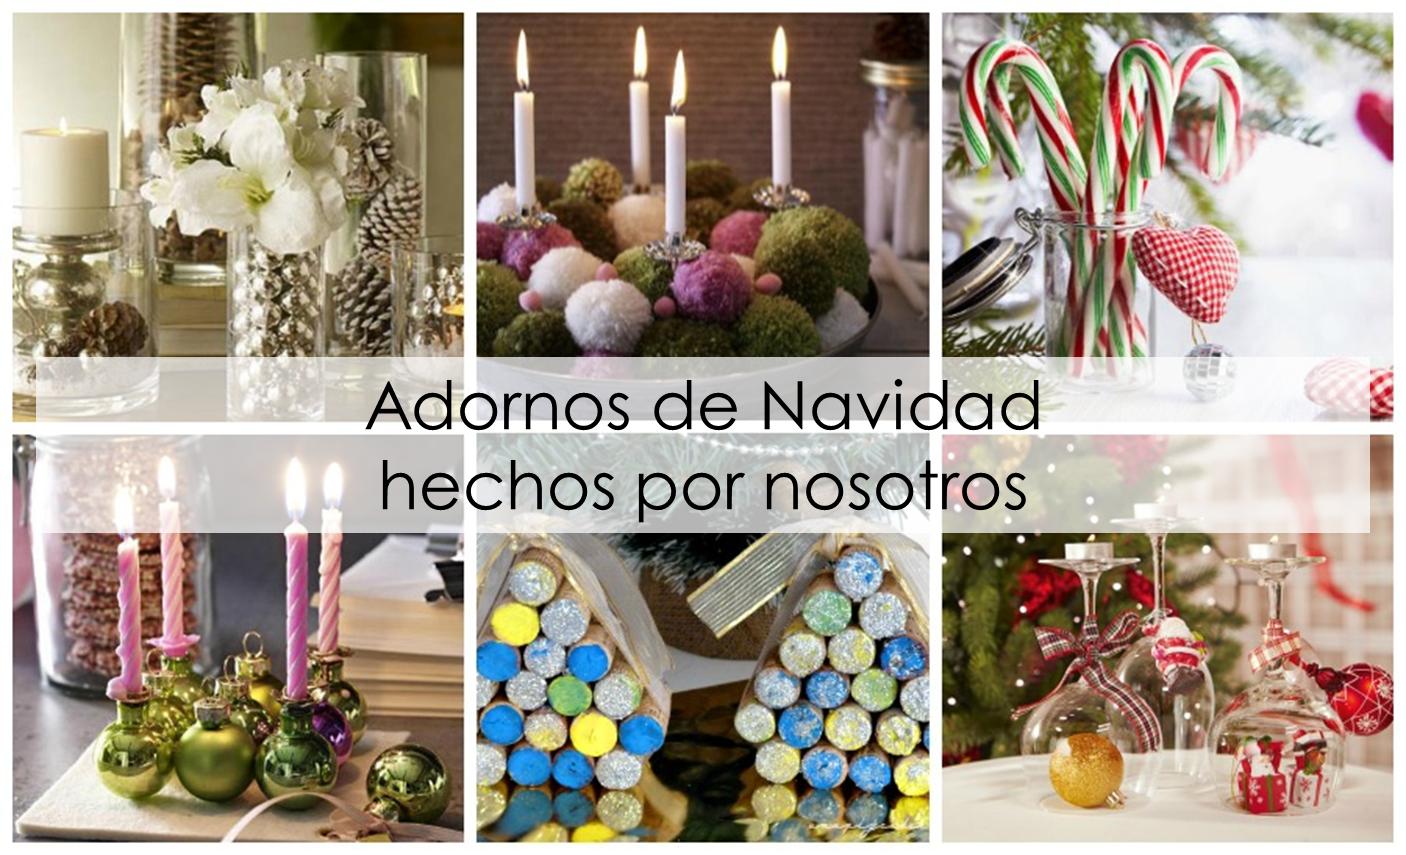 adornos de navidad hechos por nosotros decoraci n